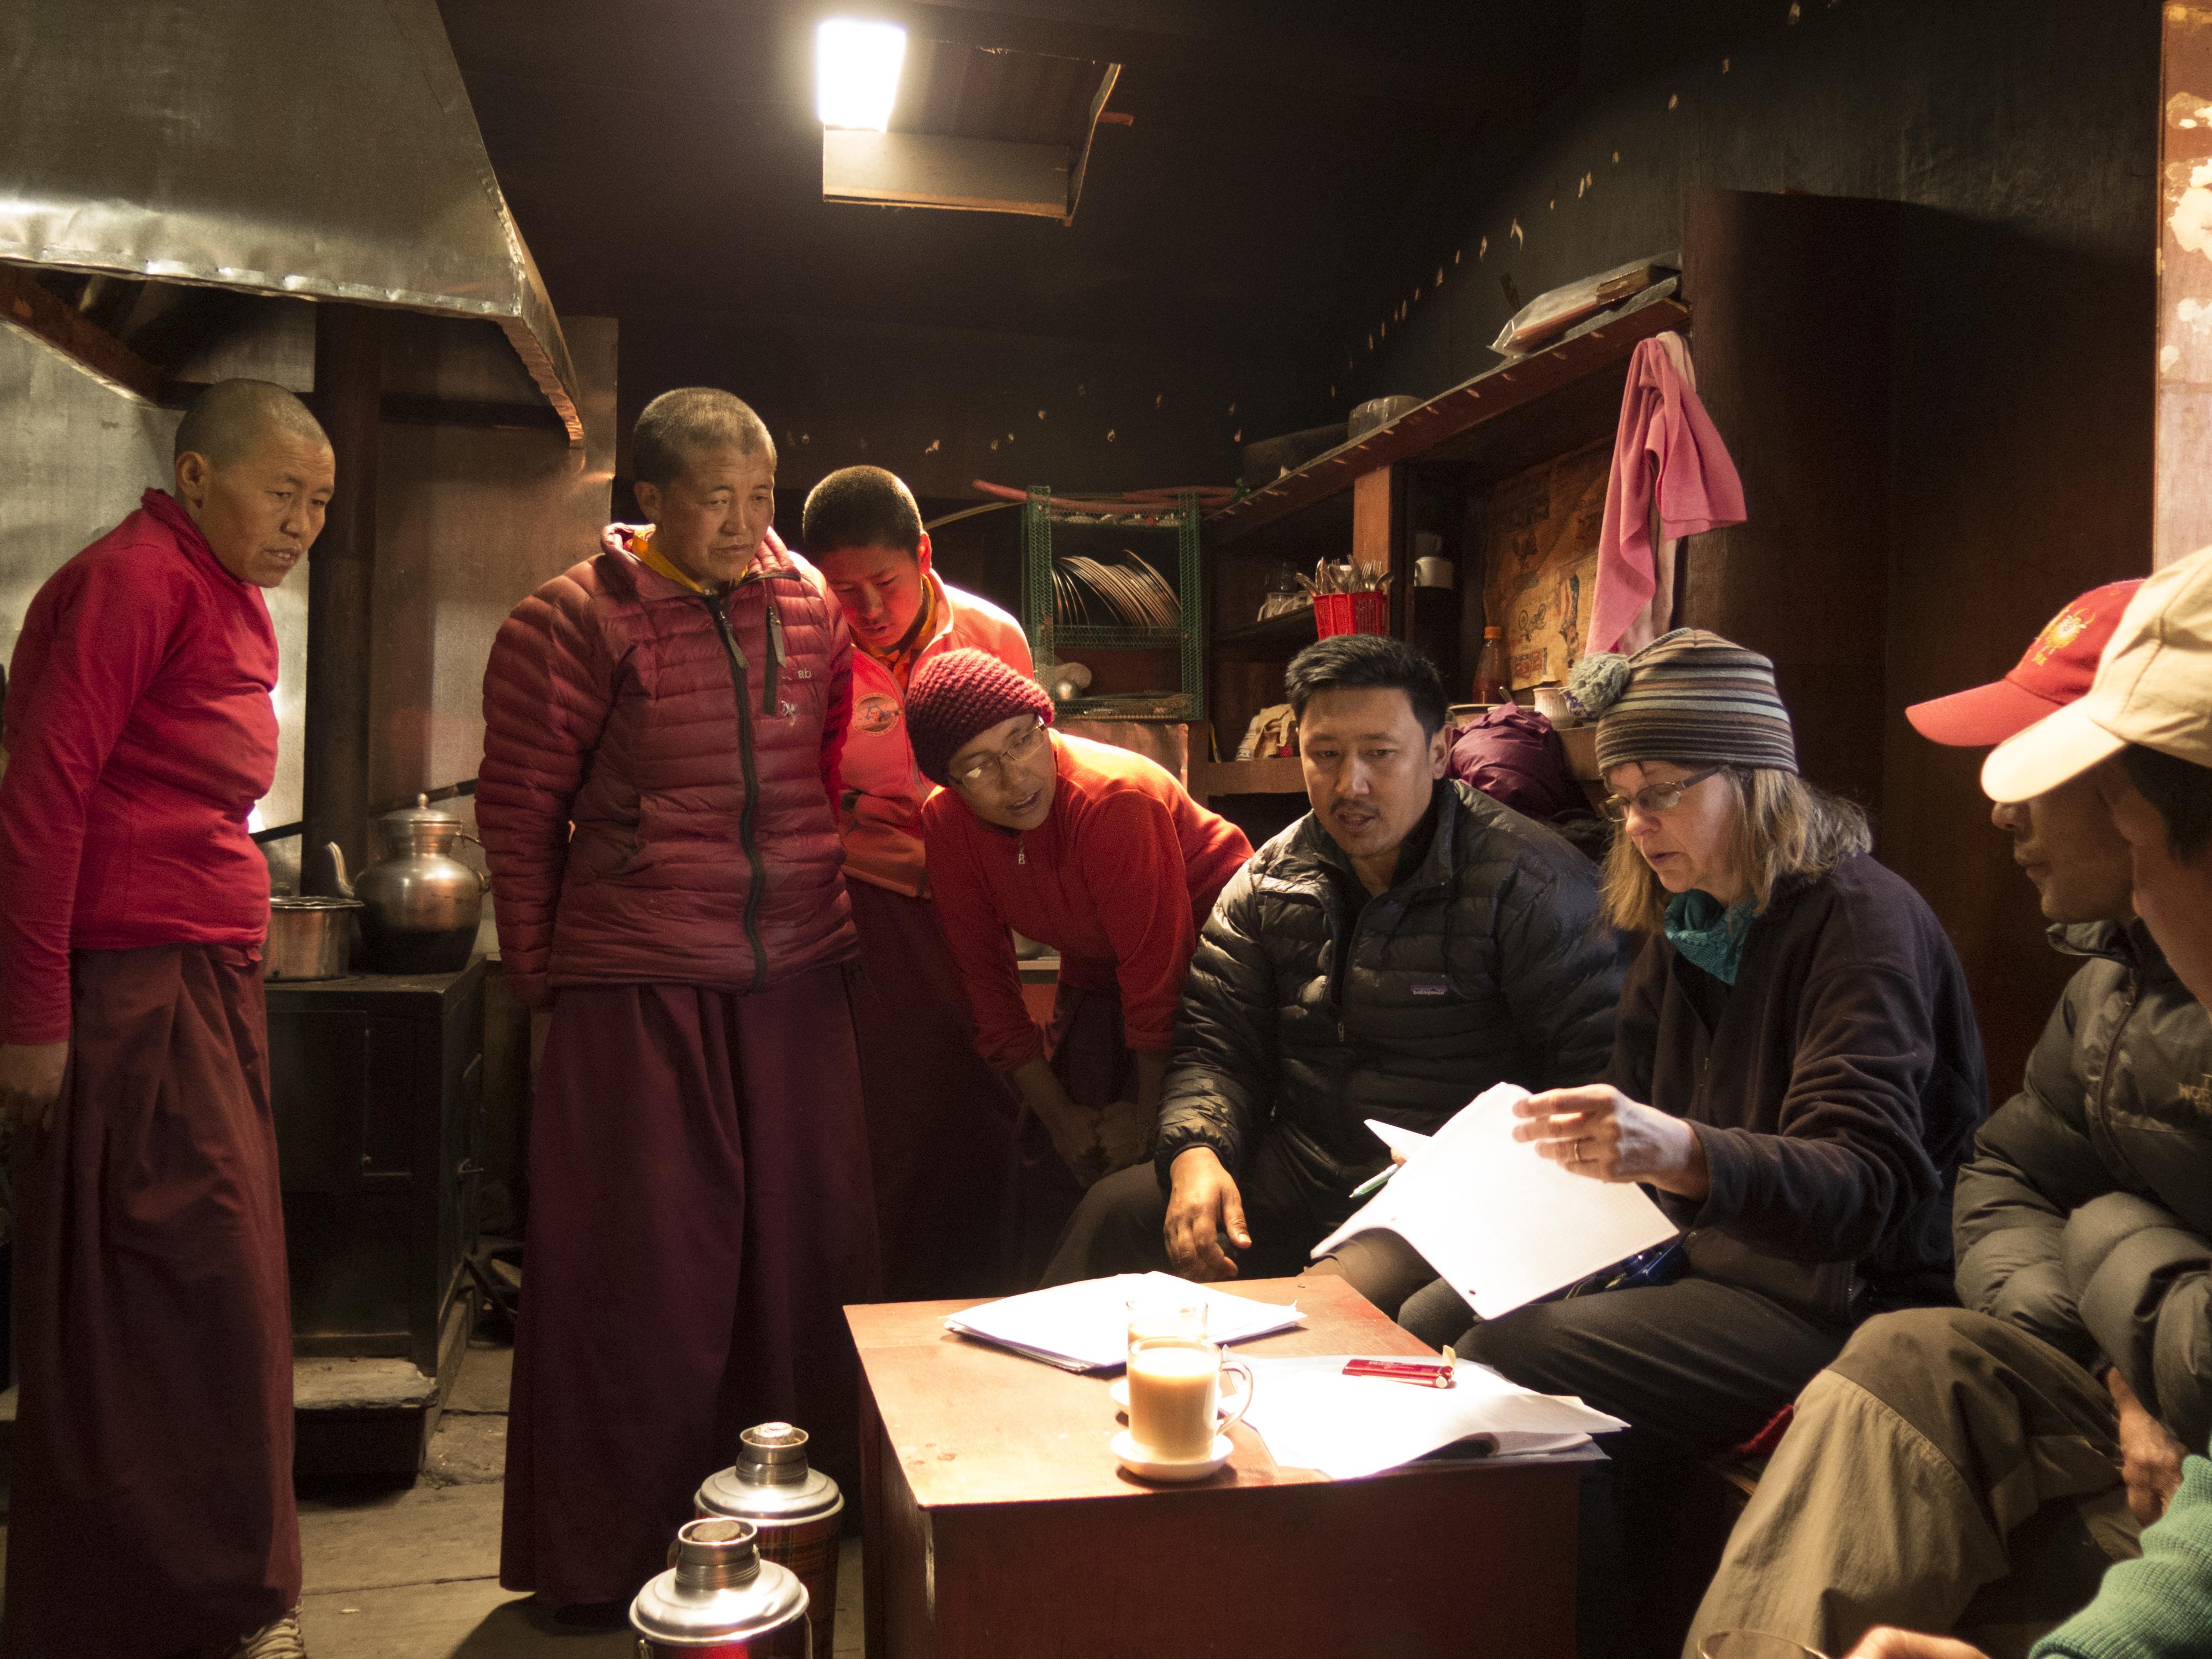 laura-nuns-and-mingma-meeting-at-deboche_24683352044_o